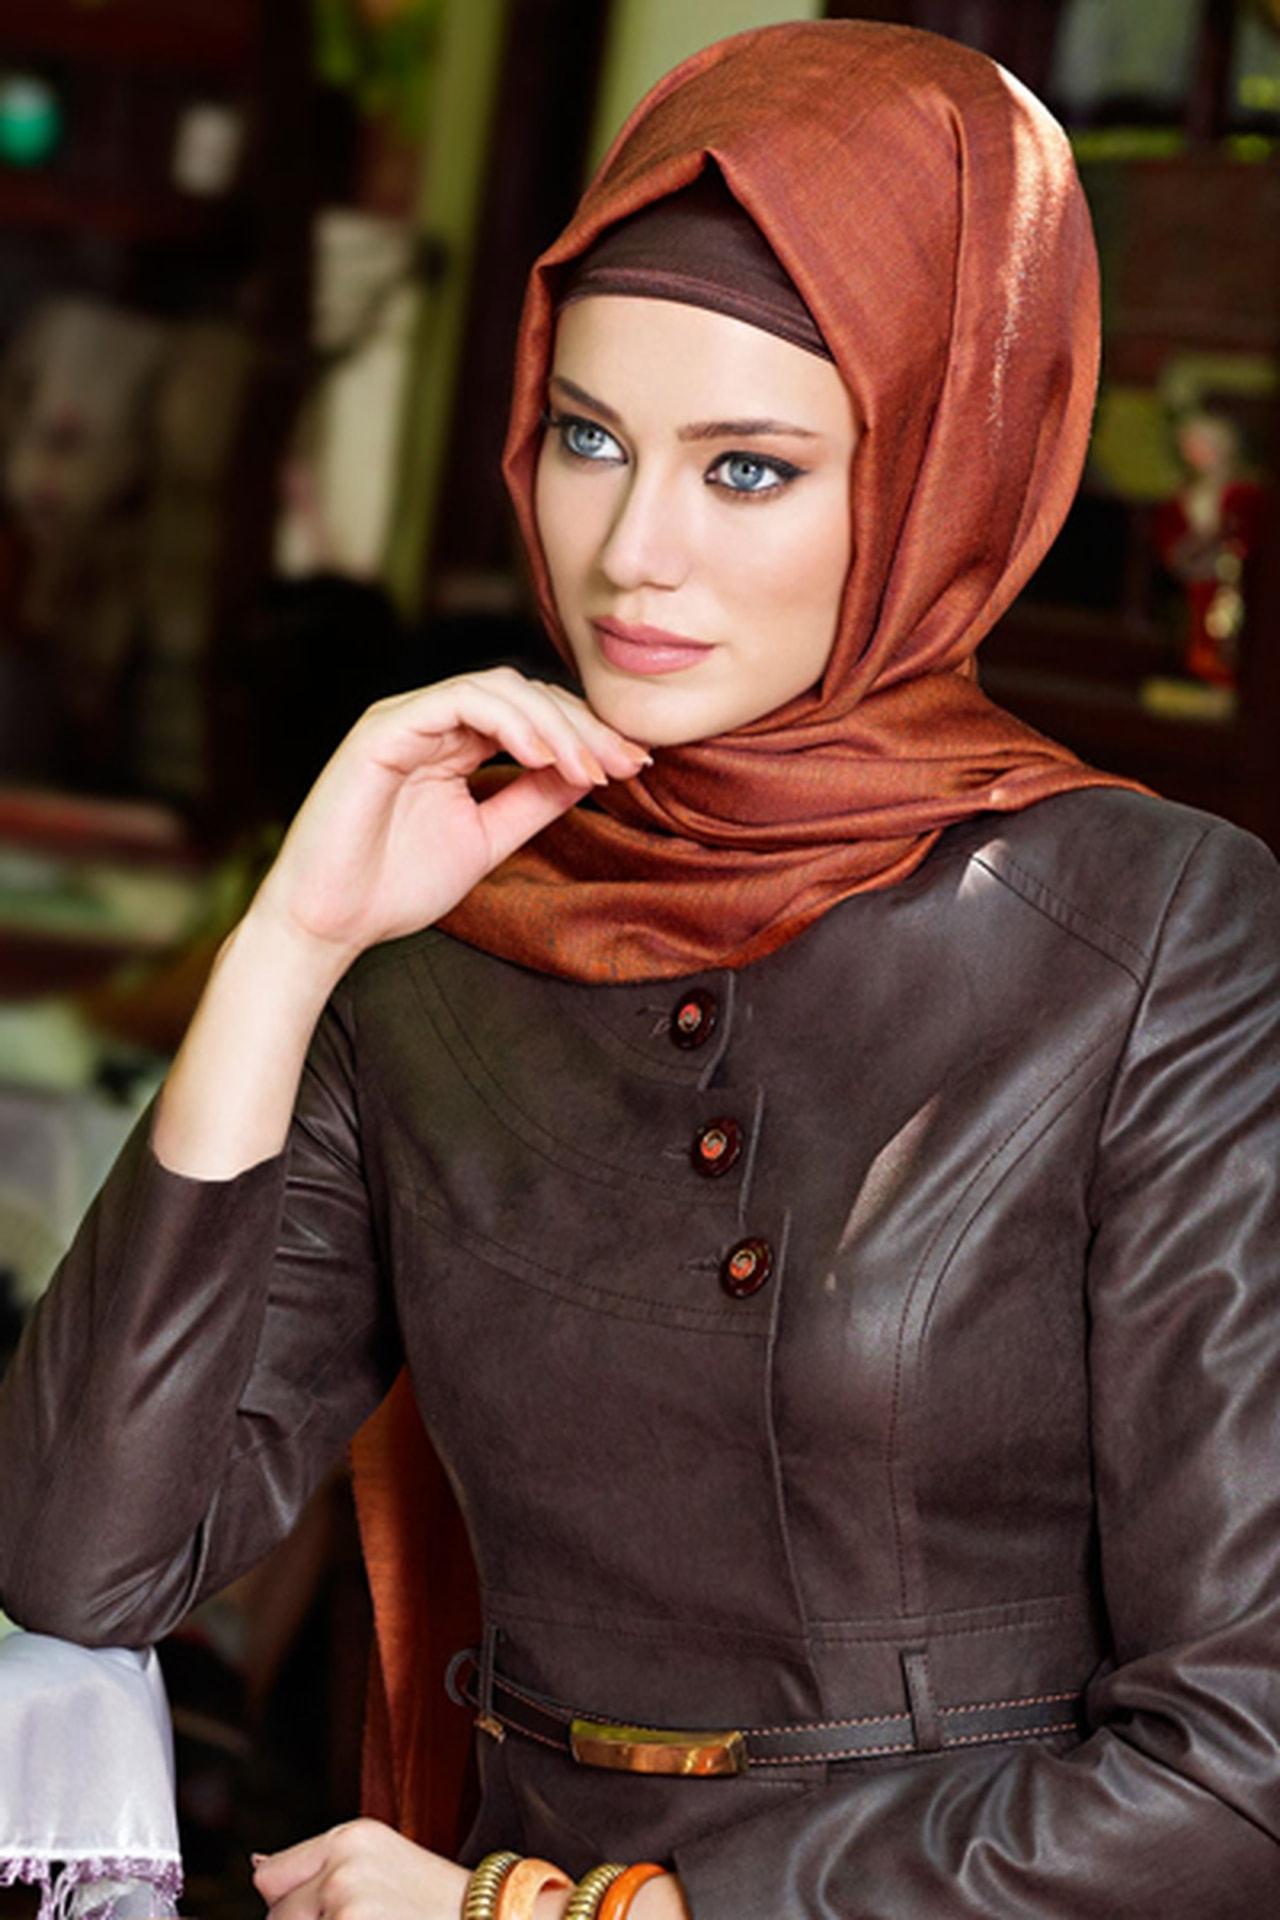 صورة اجمل نساء العالم واكثرهم اثارة , صور لعشاق الجمال سبحان الخالق